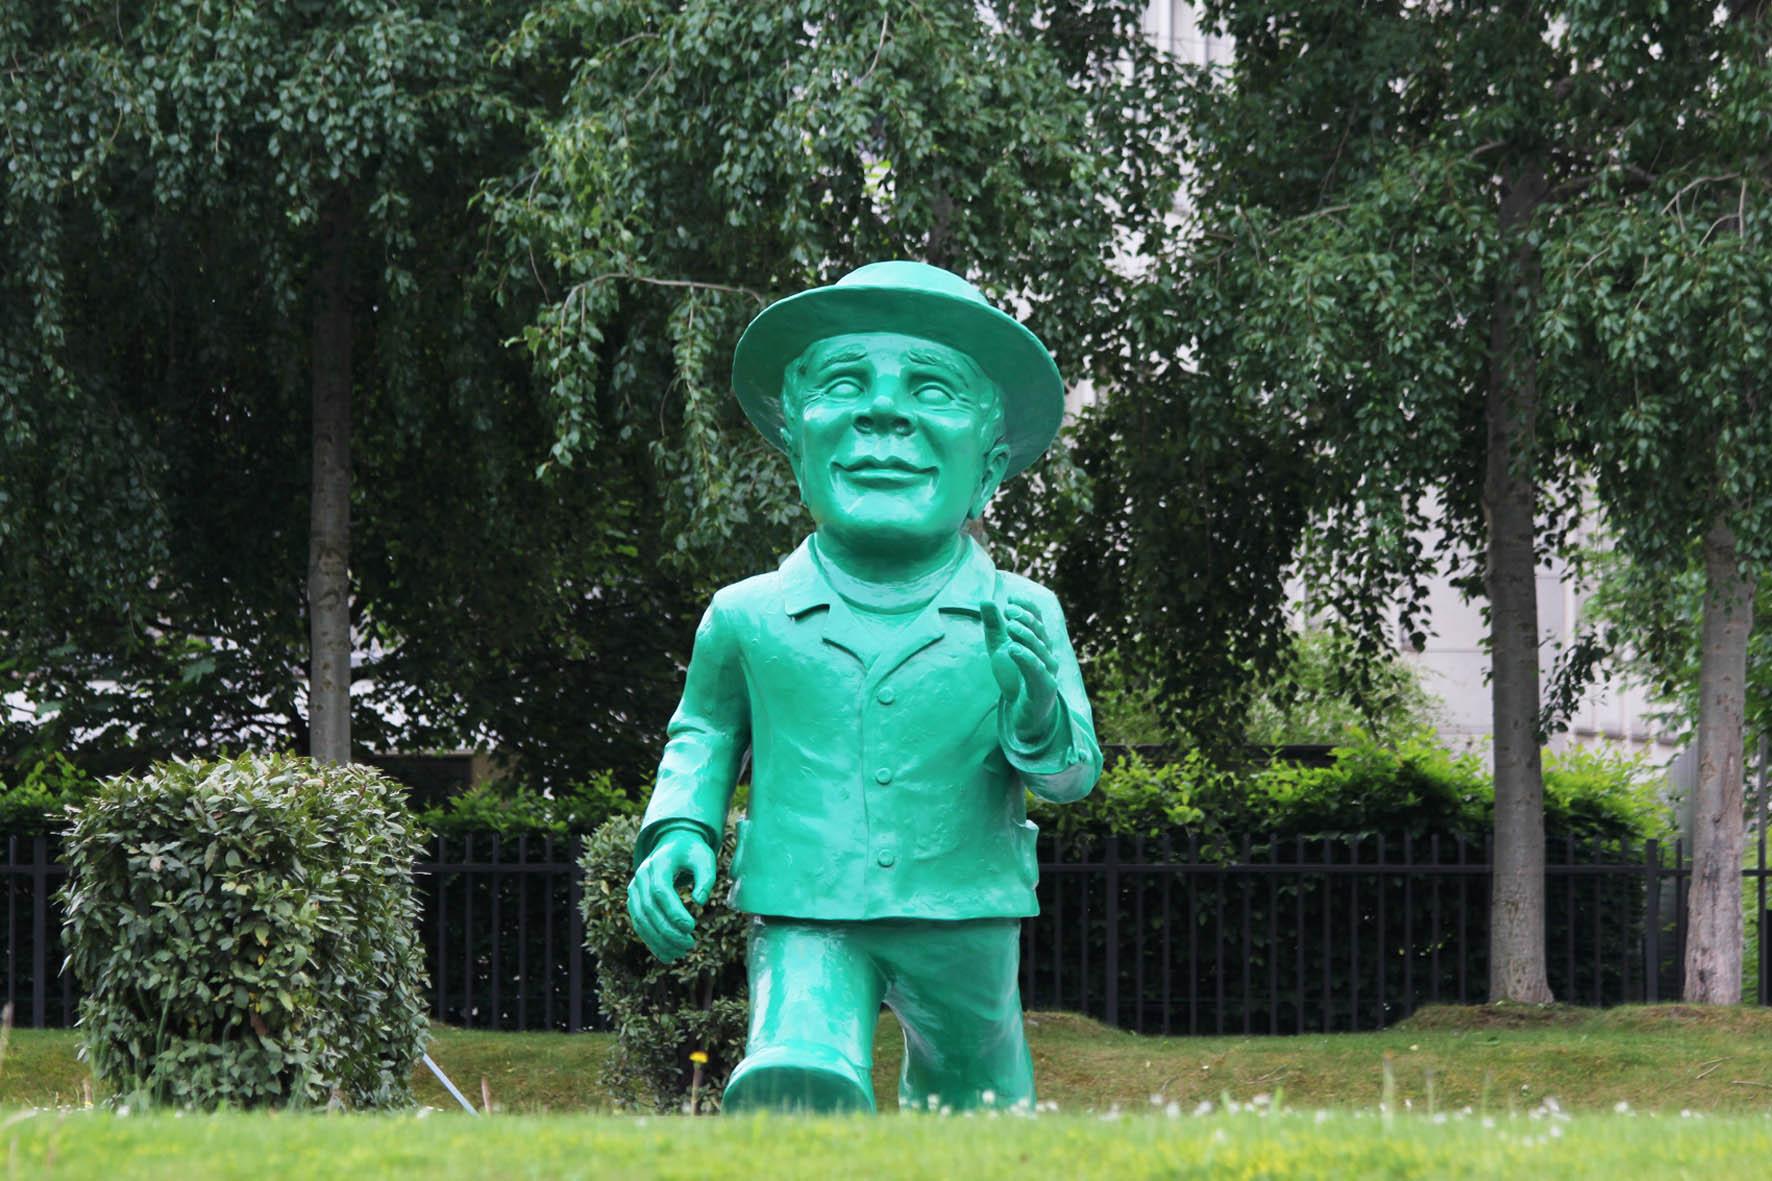 Die riesige Ampelmann Statue von Ottmar Hörl für das 25-jährige Jubiläum der deutschen Wiedervereinigung vor der Hessischen Landesvertretung in Berlin von vorne gesehen